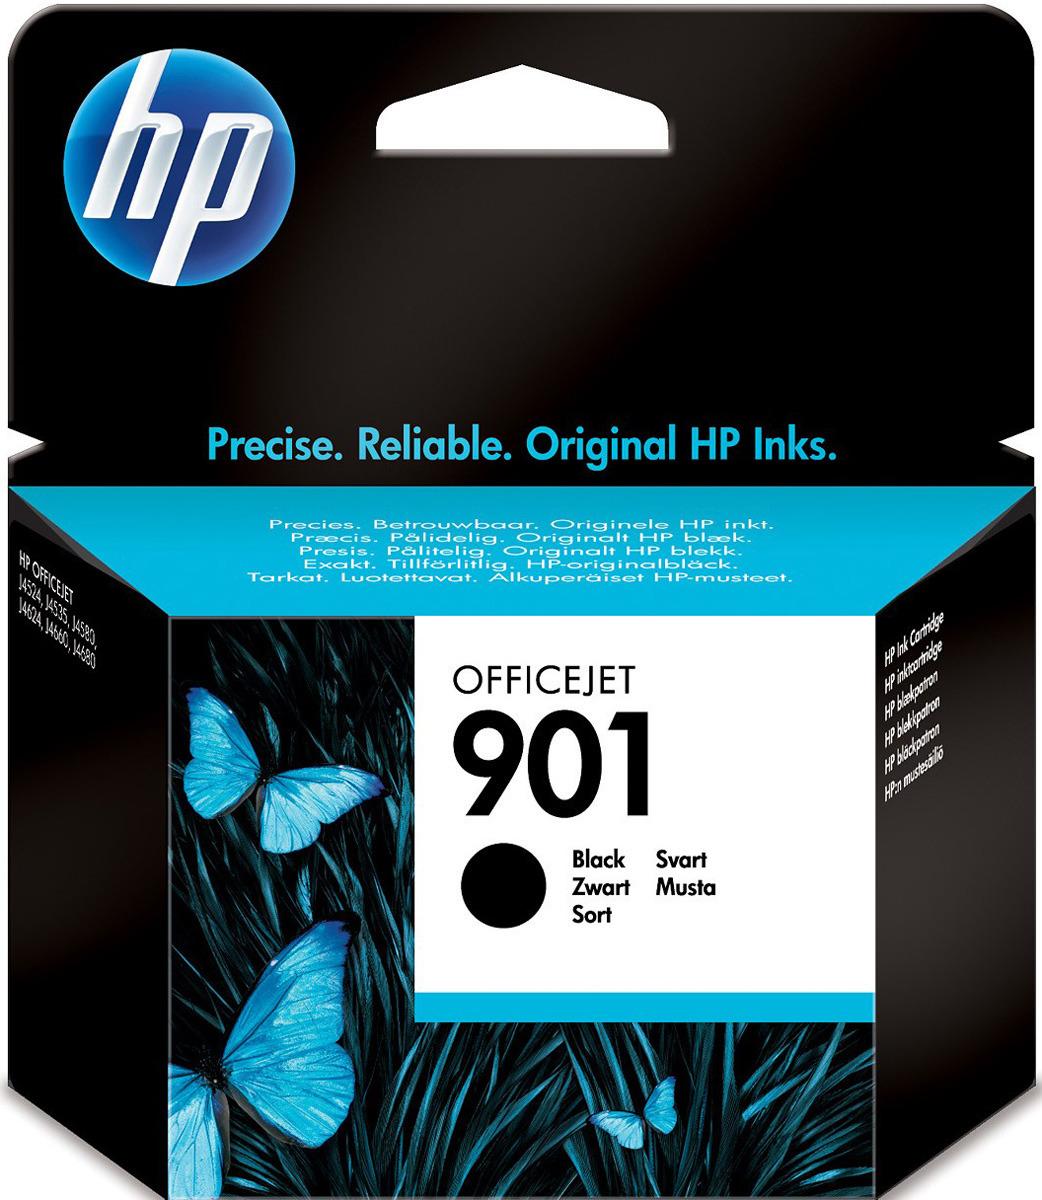 Картридж HP 901, черный, для струйного принтера, оригинал